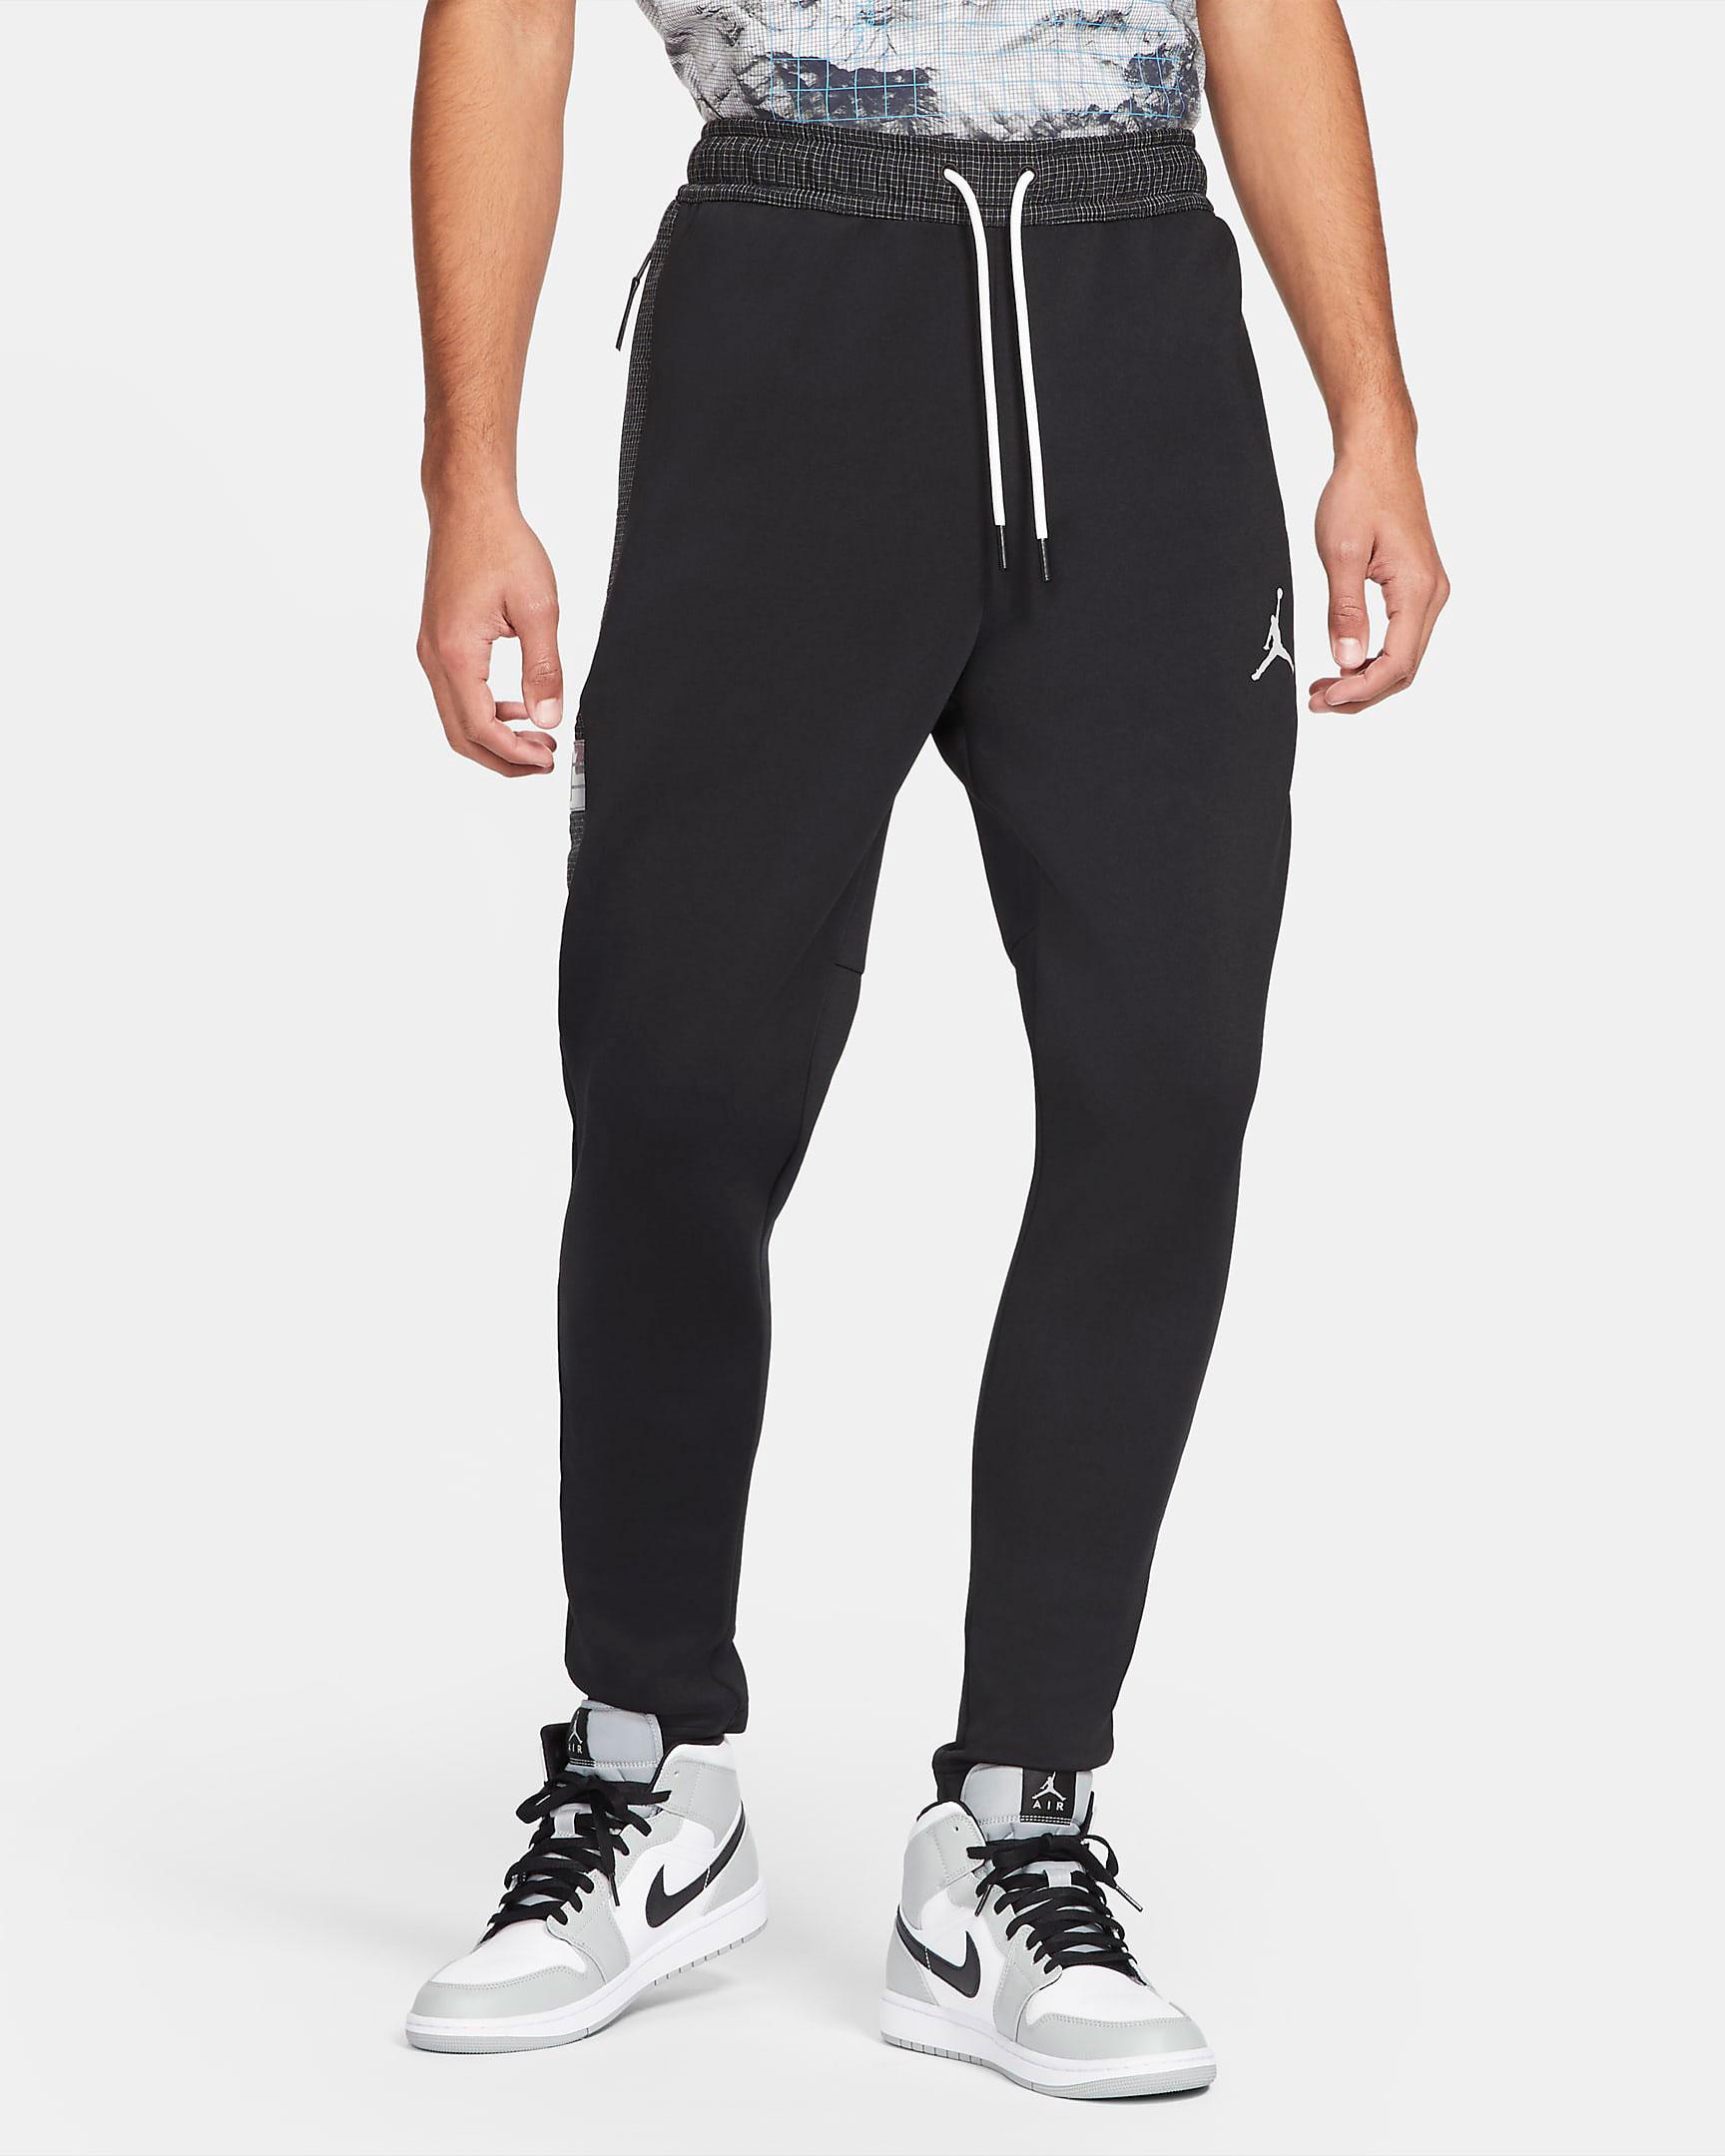 jordan-air-fleece-pants-black-white-1